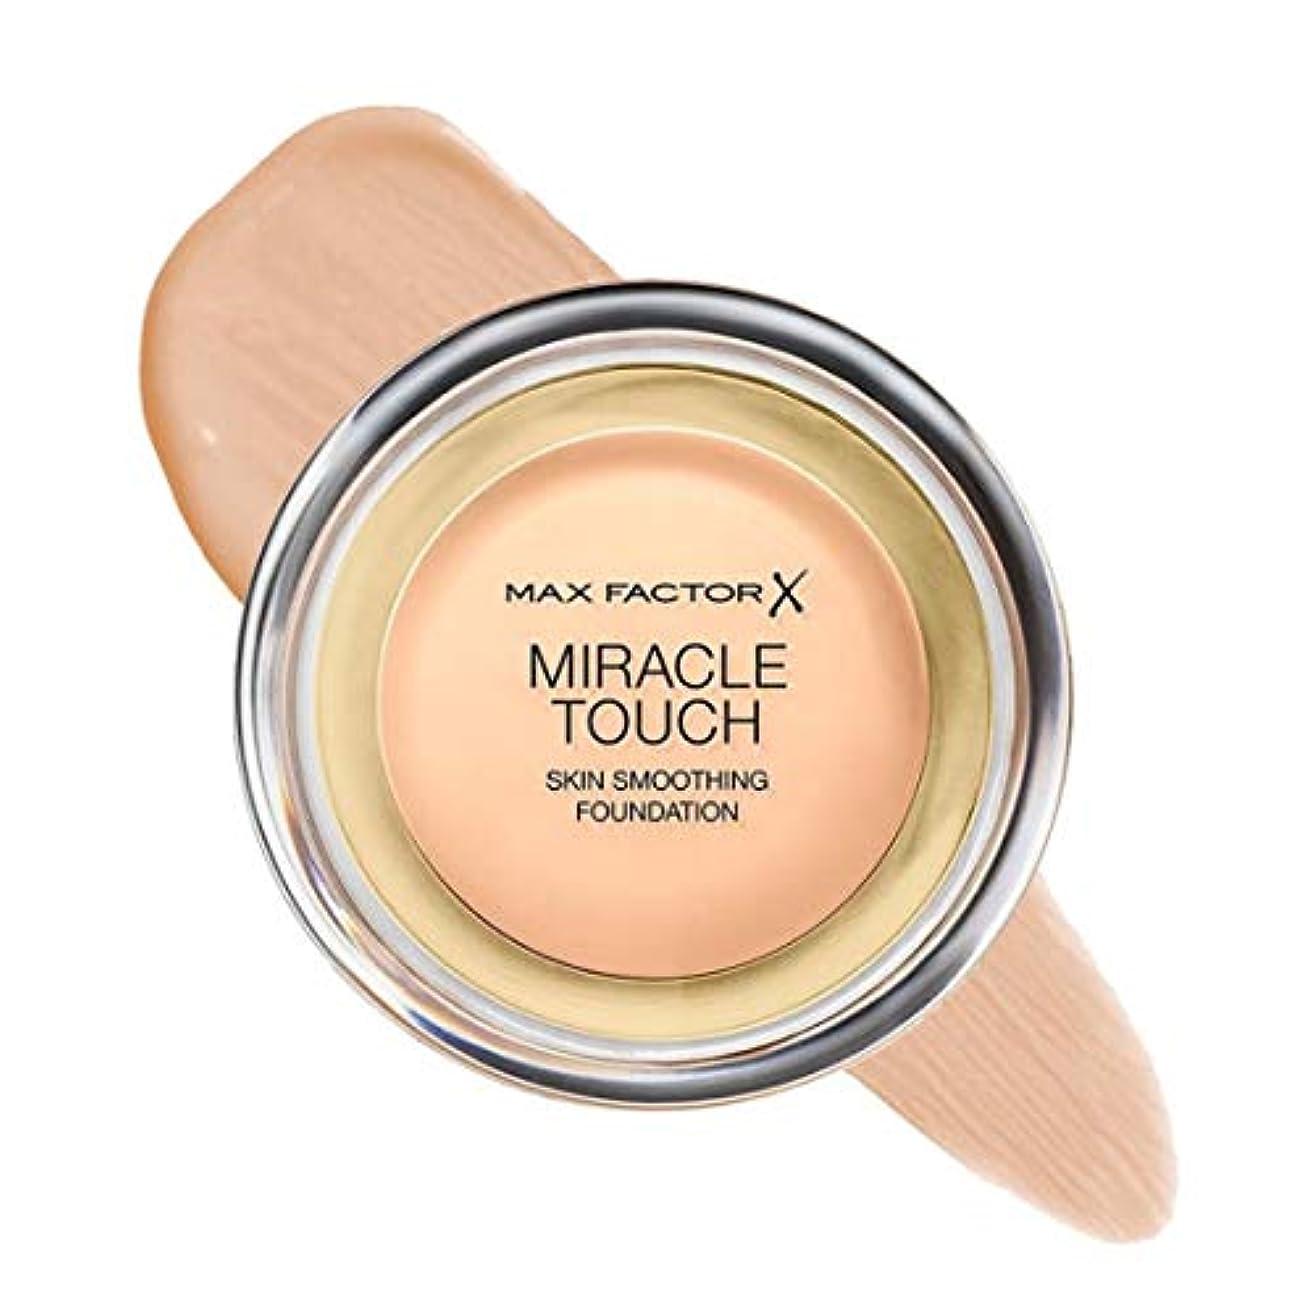 集める逆に卒業マックス ファクター ミラクル タッチ スキン スムーズ ファウンデーション - ナチュラル Max Factor Miracle Touch Skin Smoothing Foundation - Natural 070 [並行輸入品]